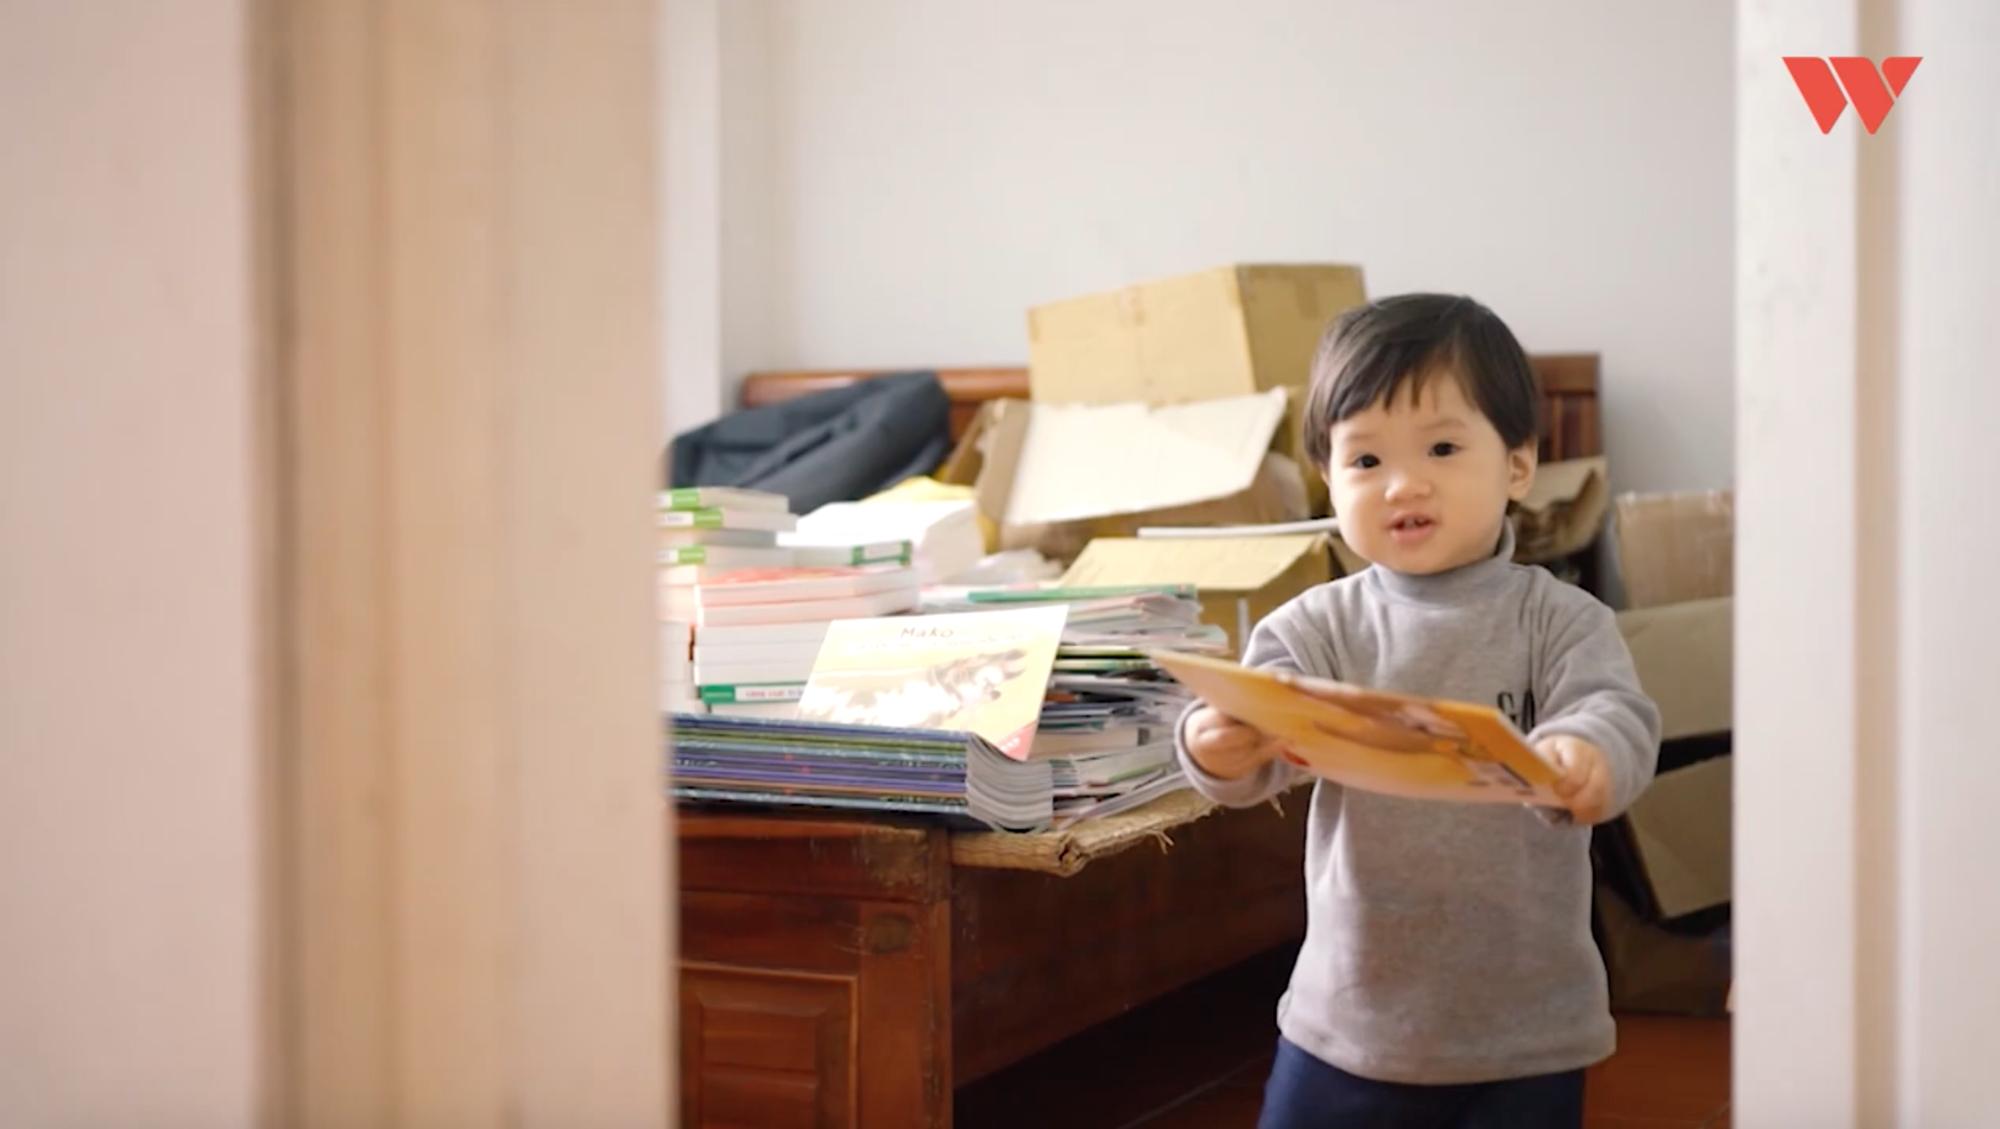 Nguyễn Quốc Vương - Nhà nghiên cứu trở về Việt Nam bán sách rong sau 8 năm du học ở Nhật Bản - Ảnh 6.